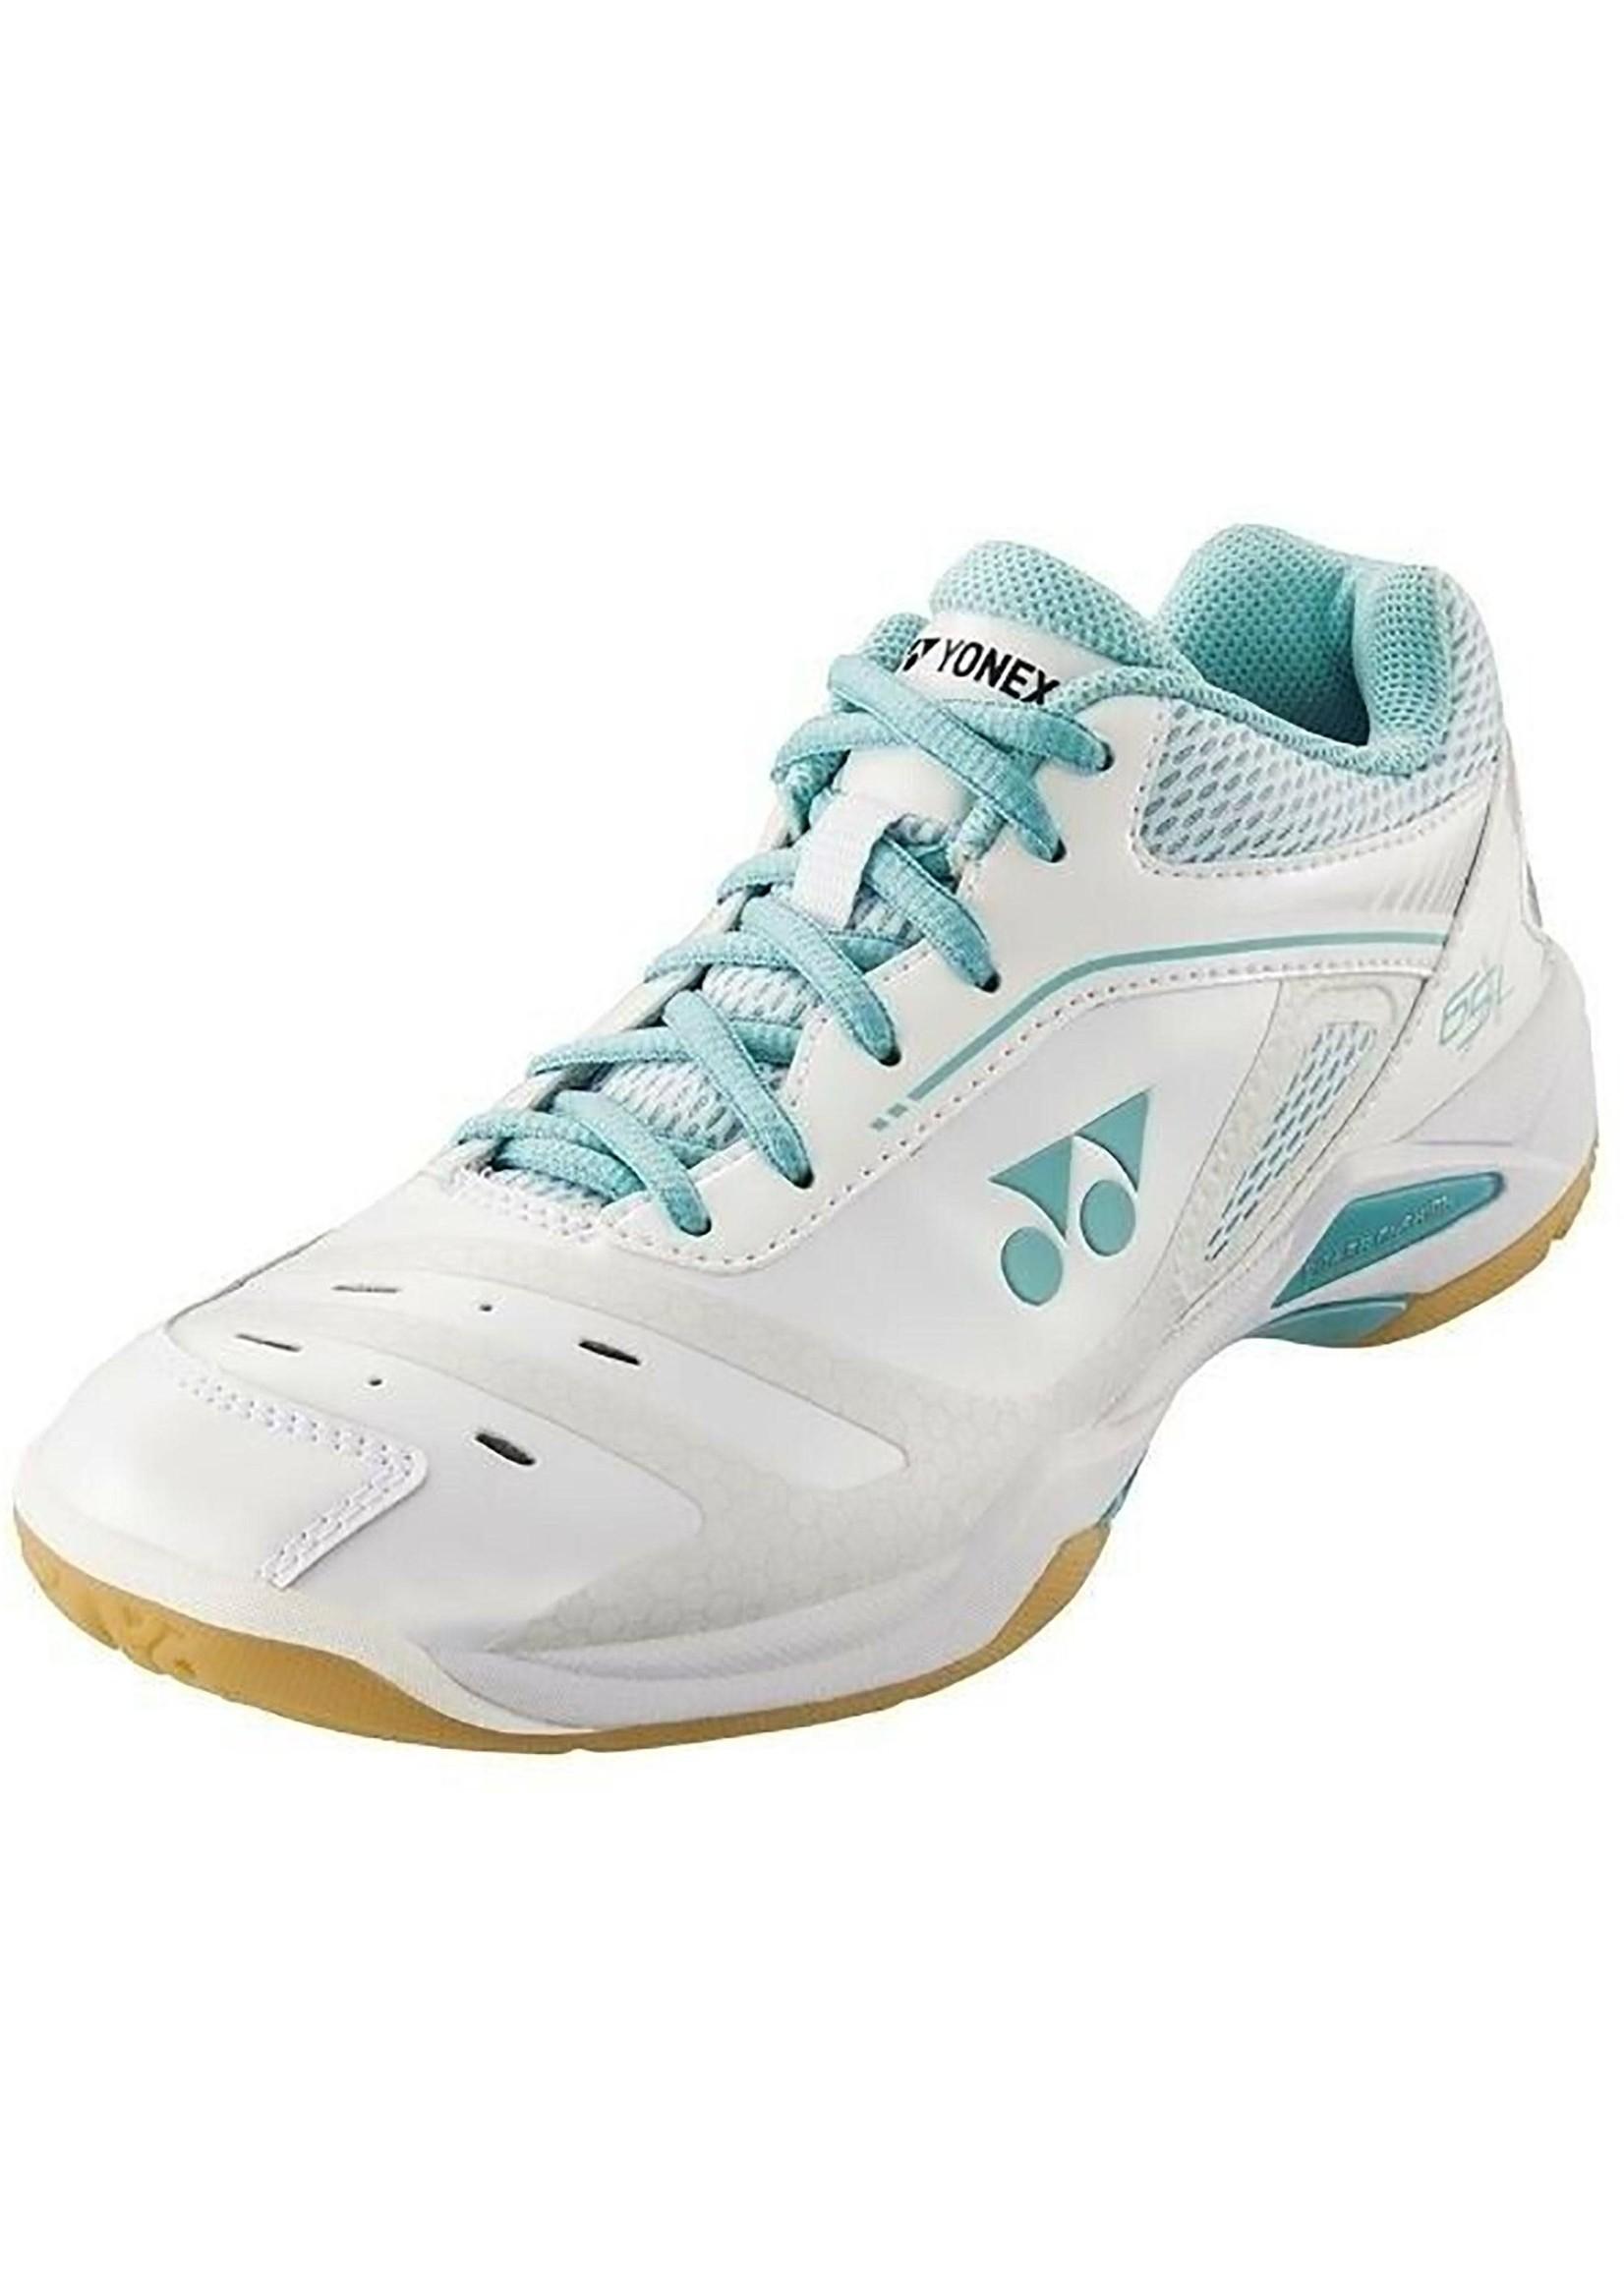 Yonex Yonex Power Cushion 65X Ladies Badminton Shoes (2019) White/Mint 7.5